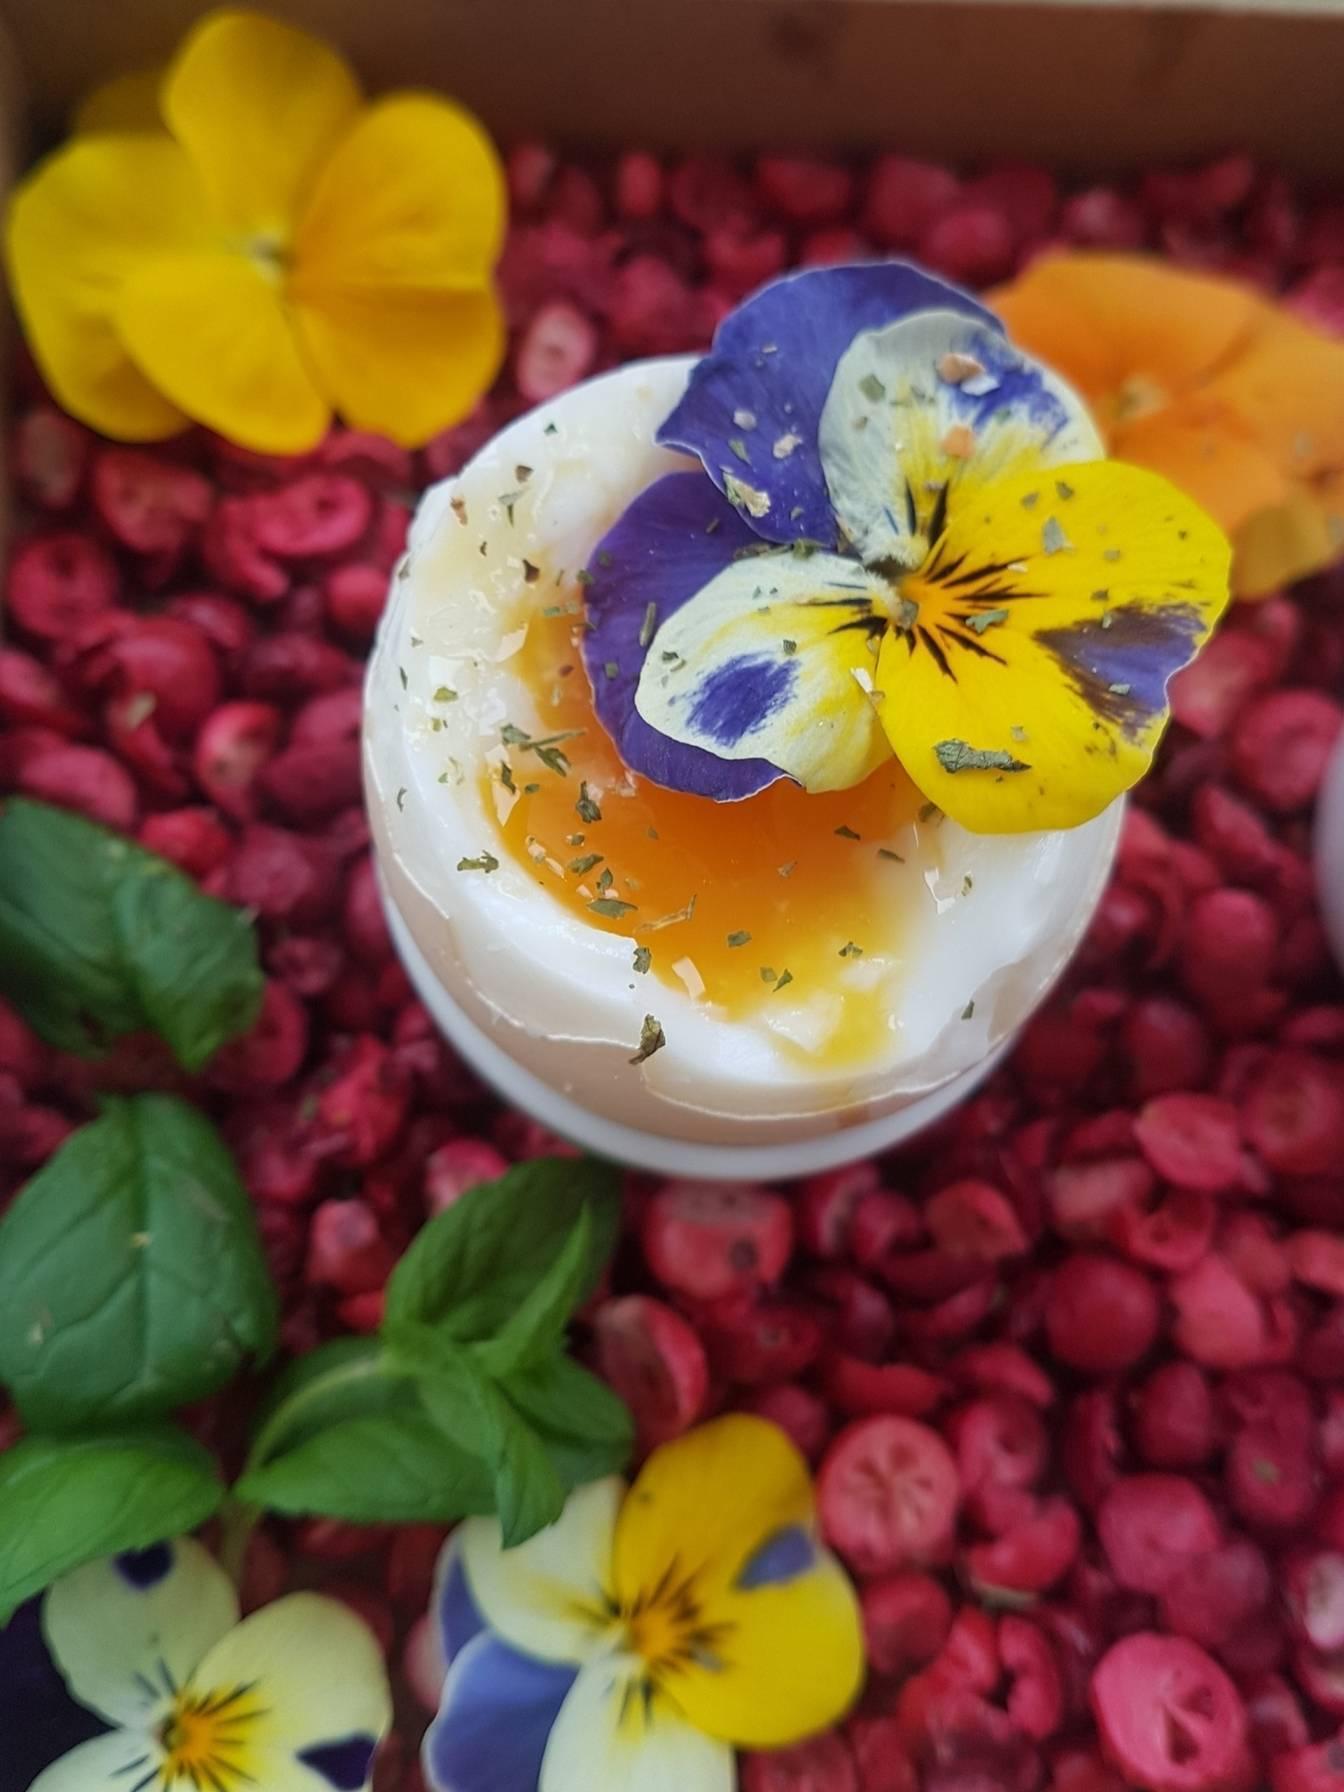 Jajko na miękko z bratkiem i żurawiną. Kaj wykorzystać kwiaty jadalne w kuchni? Przepisy Agnieszki Żelazko.